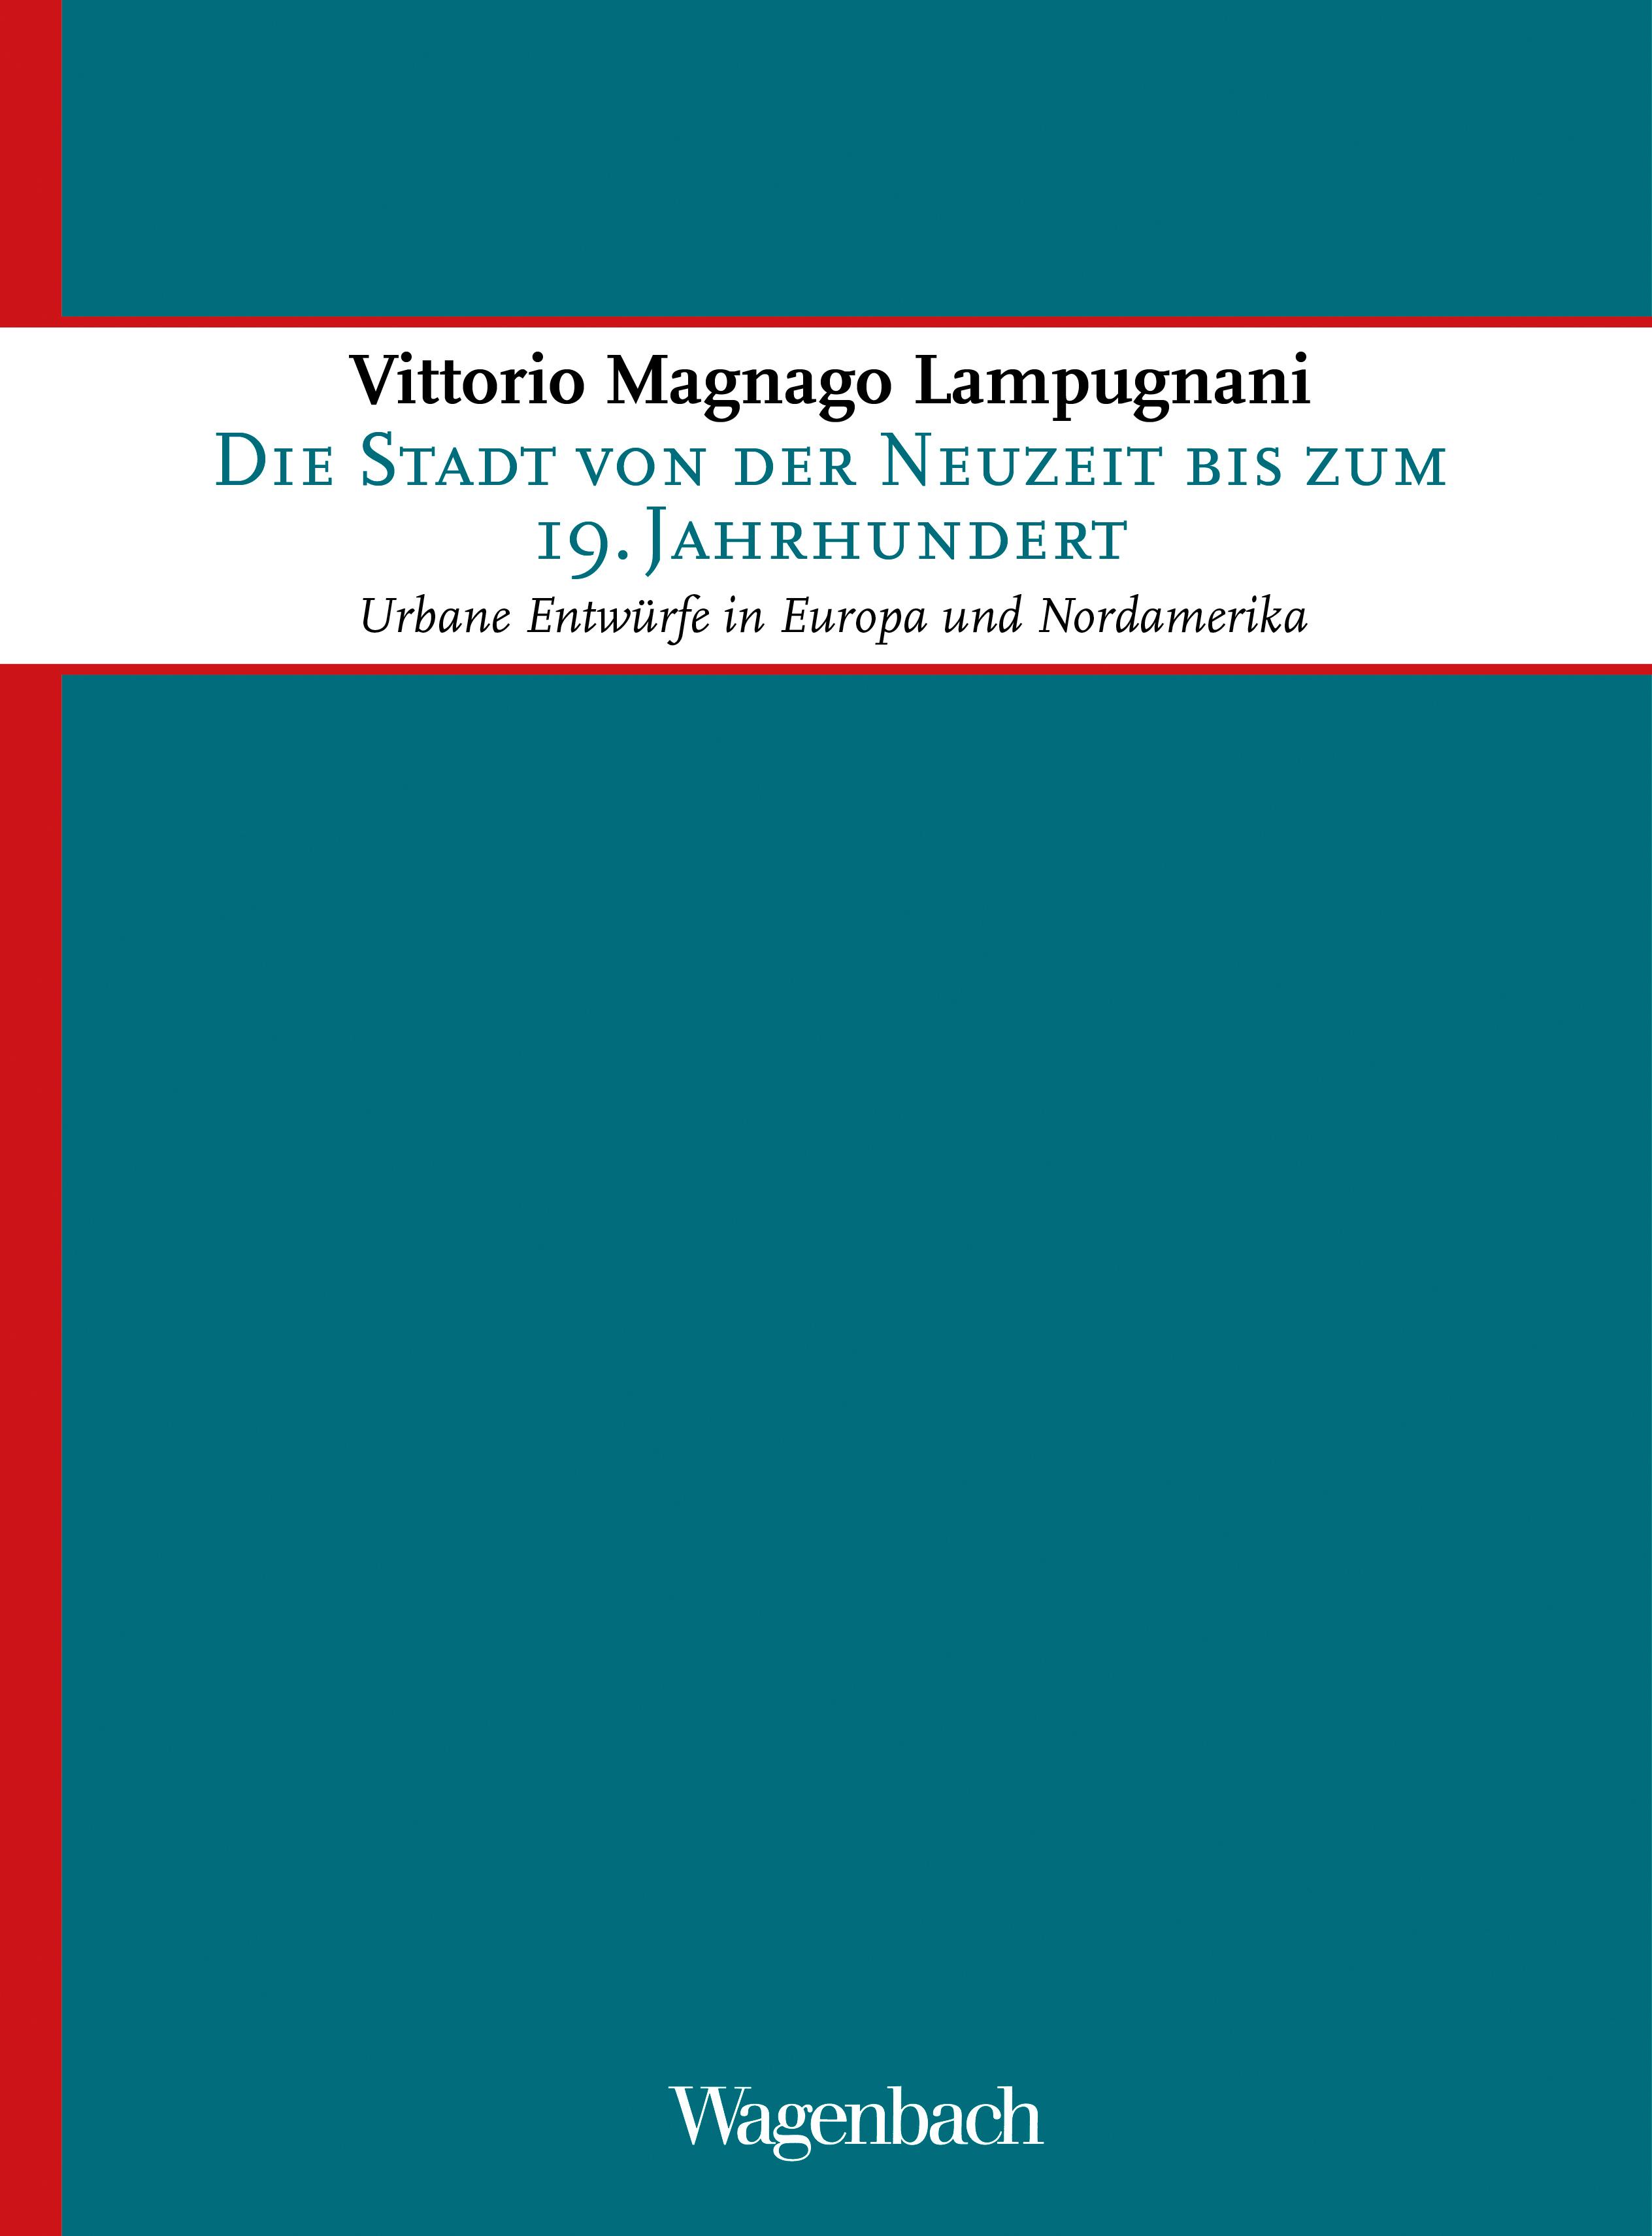 Vittorio Magnago Lampugnani Die Stadt von der Neuzeit bis zum 19. Jahrhundert